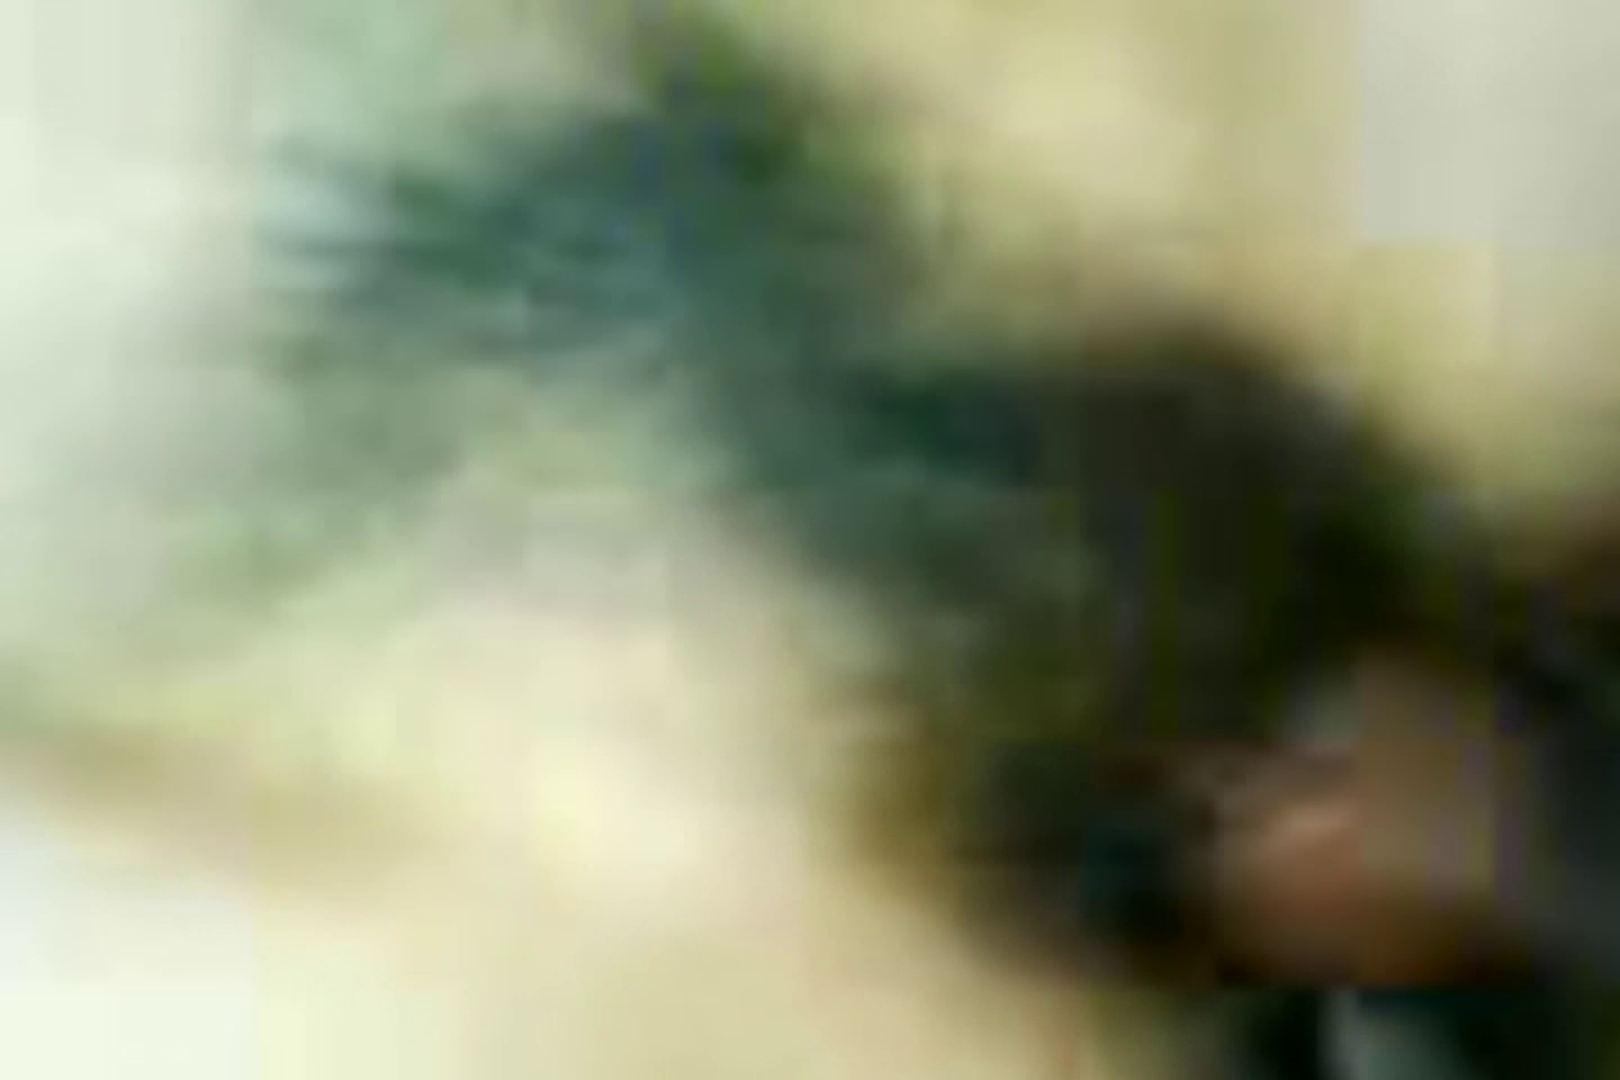 ウイルス流出 串田良祐と小学校教諭のハメ撮りアルバム 流出作品  105pic 64